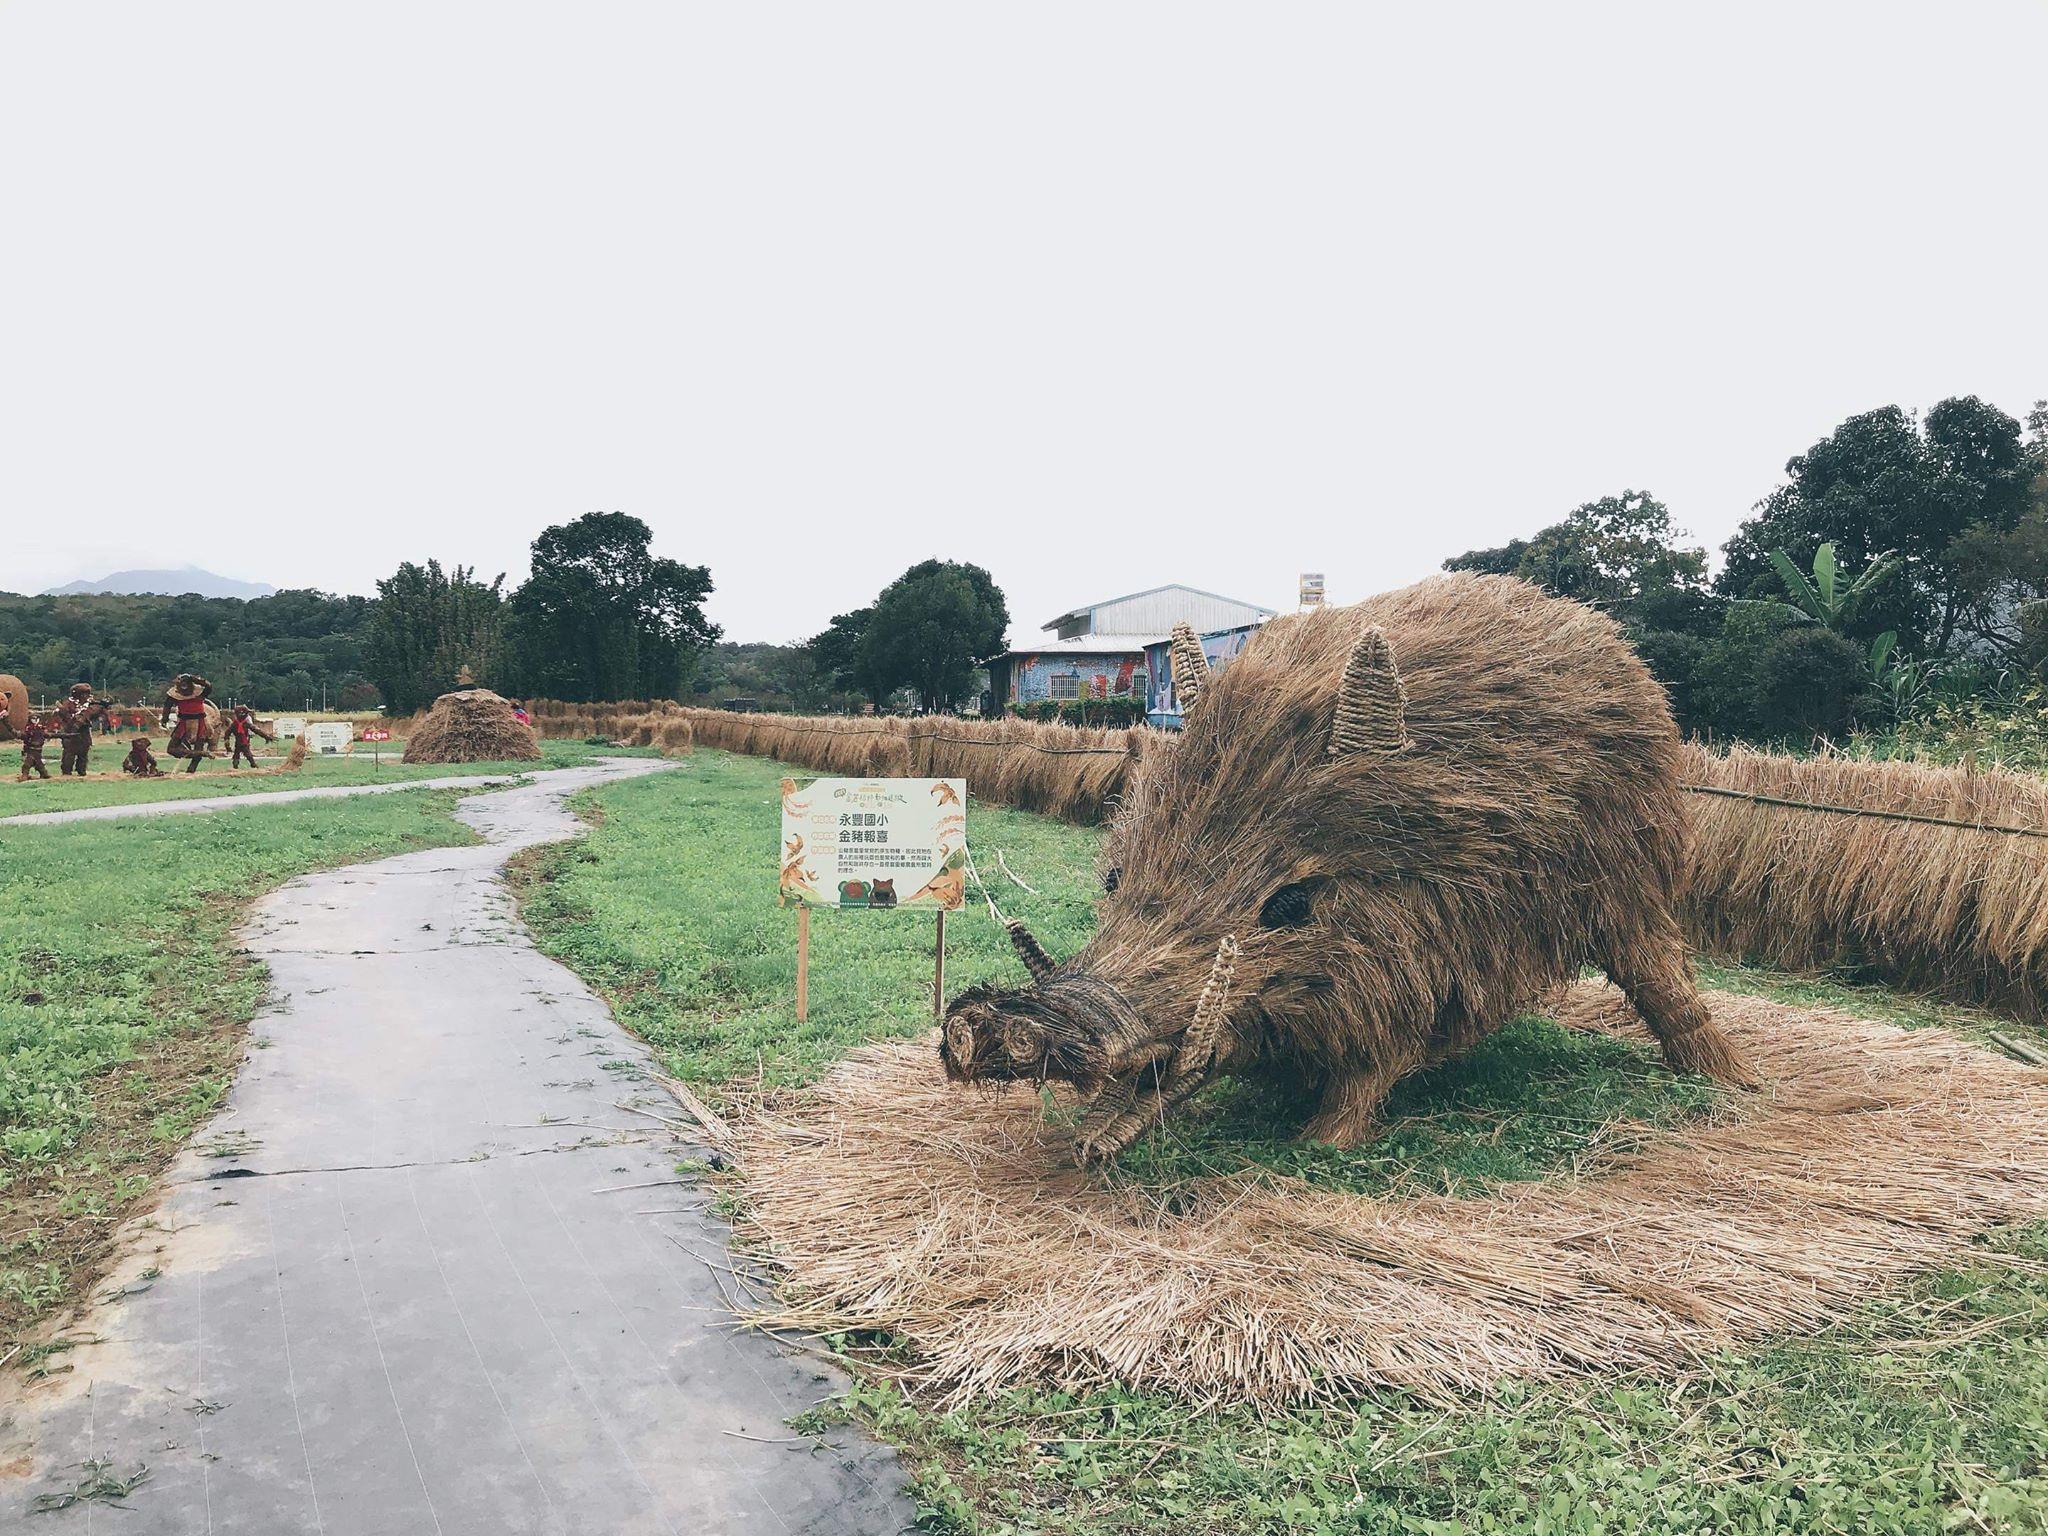 稻草藝術在花蓮富里!第一屆稻草藝術季聖誕節熱鬧展開